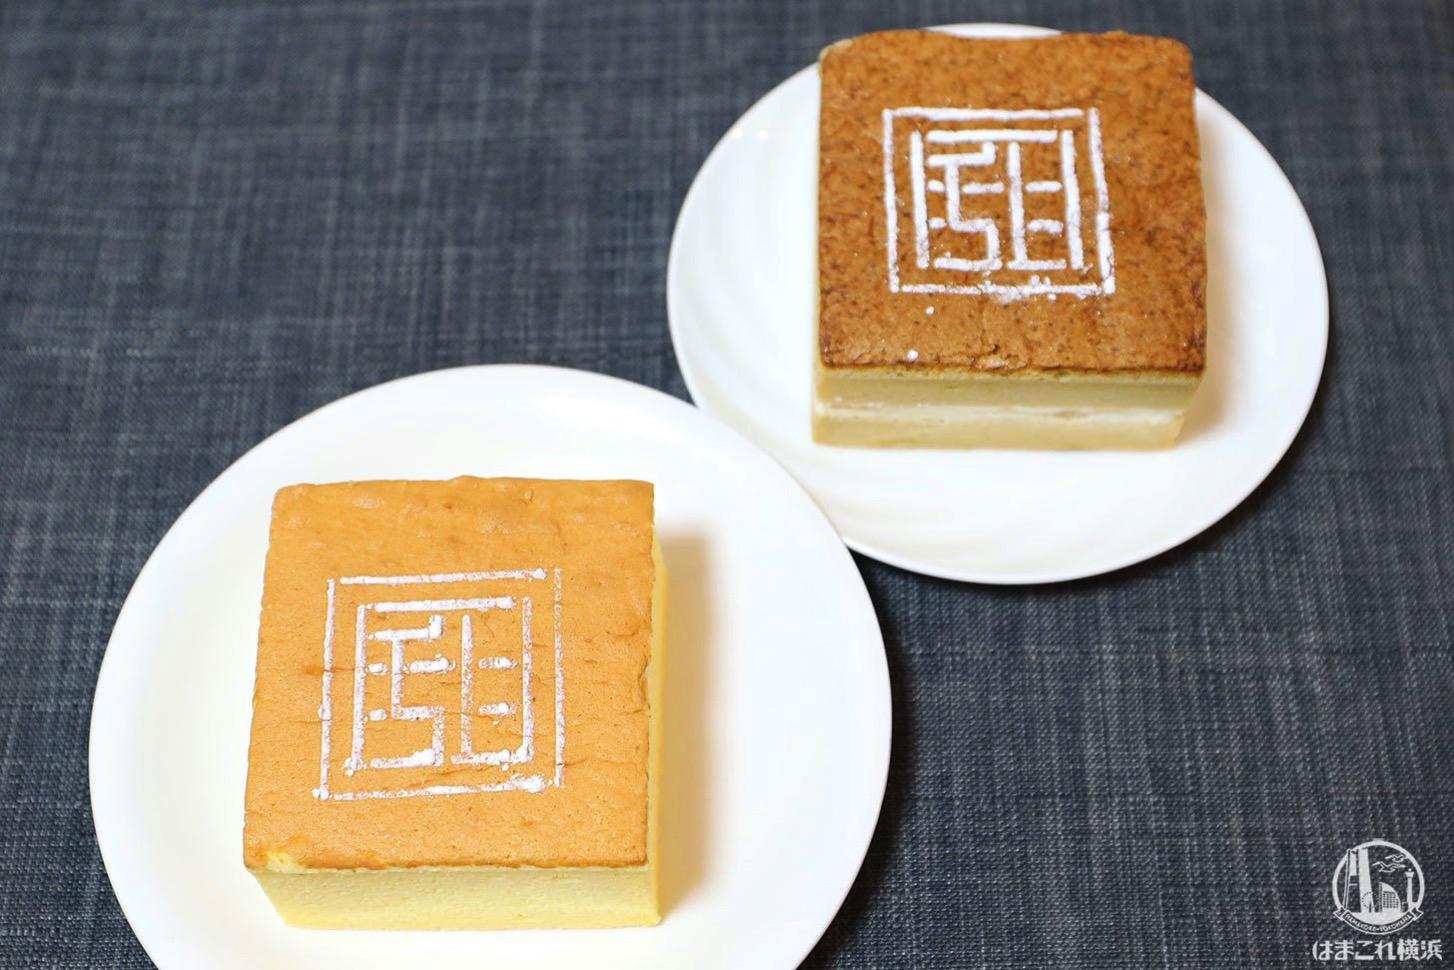 台湾カステラ(プレーンと黒糖クリーム)